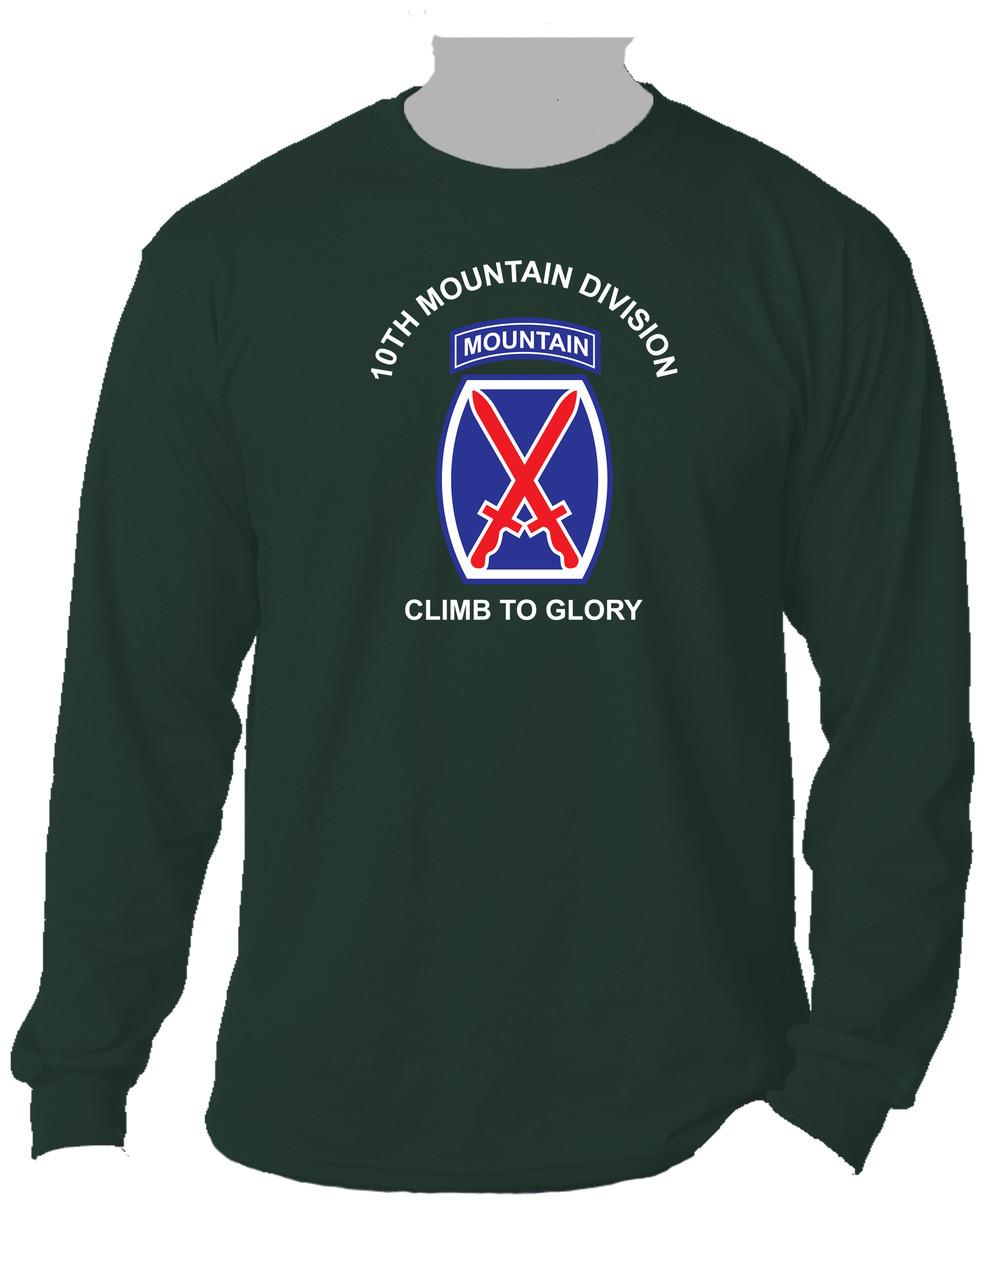 7d4918b2 10th Mountain Division